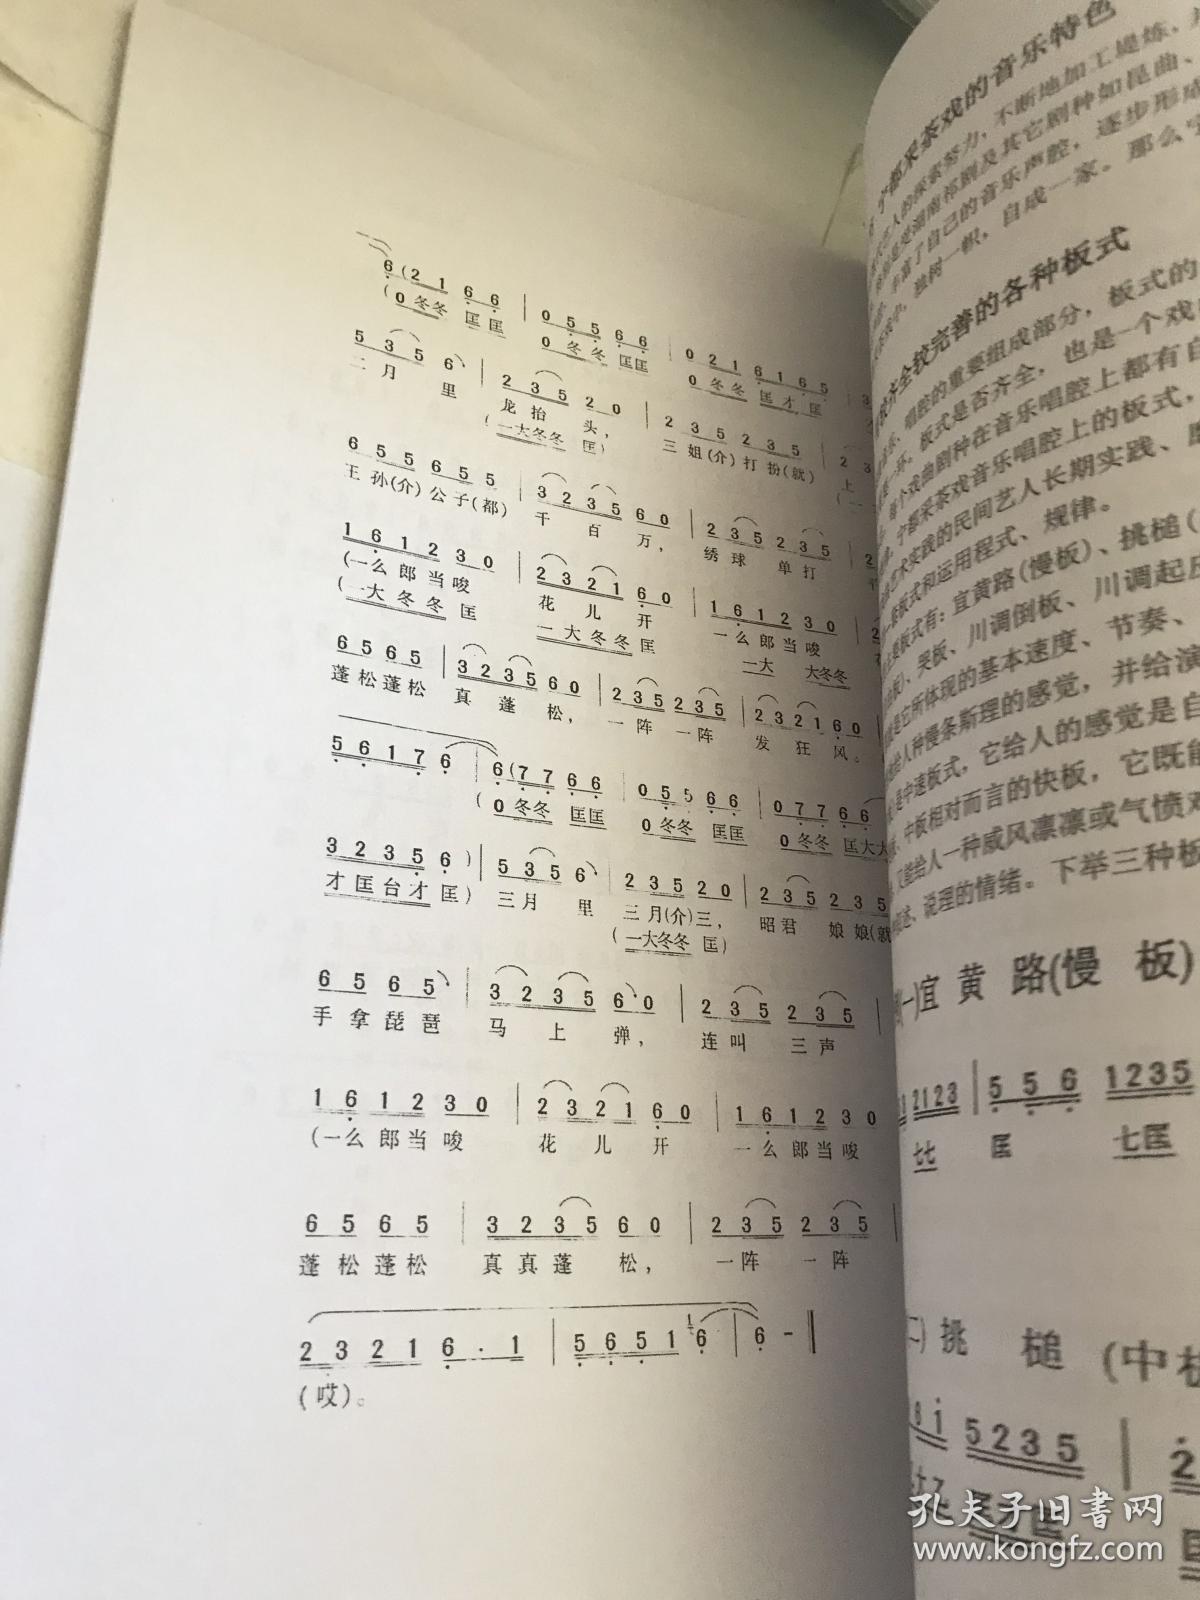 釆茶戏曲谱_釆茶舞曲曲谱